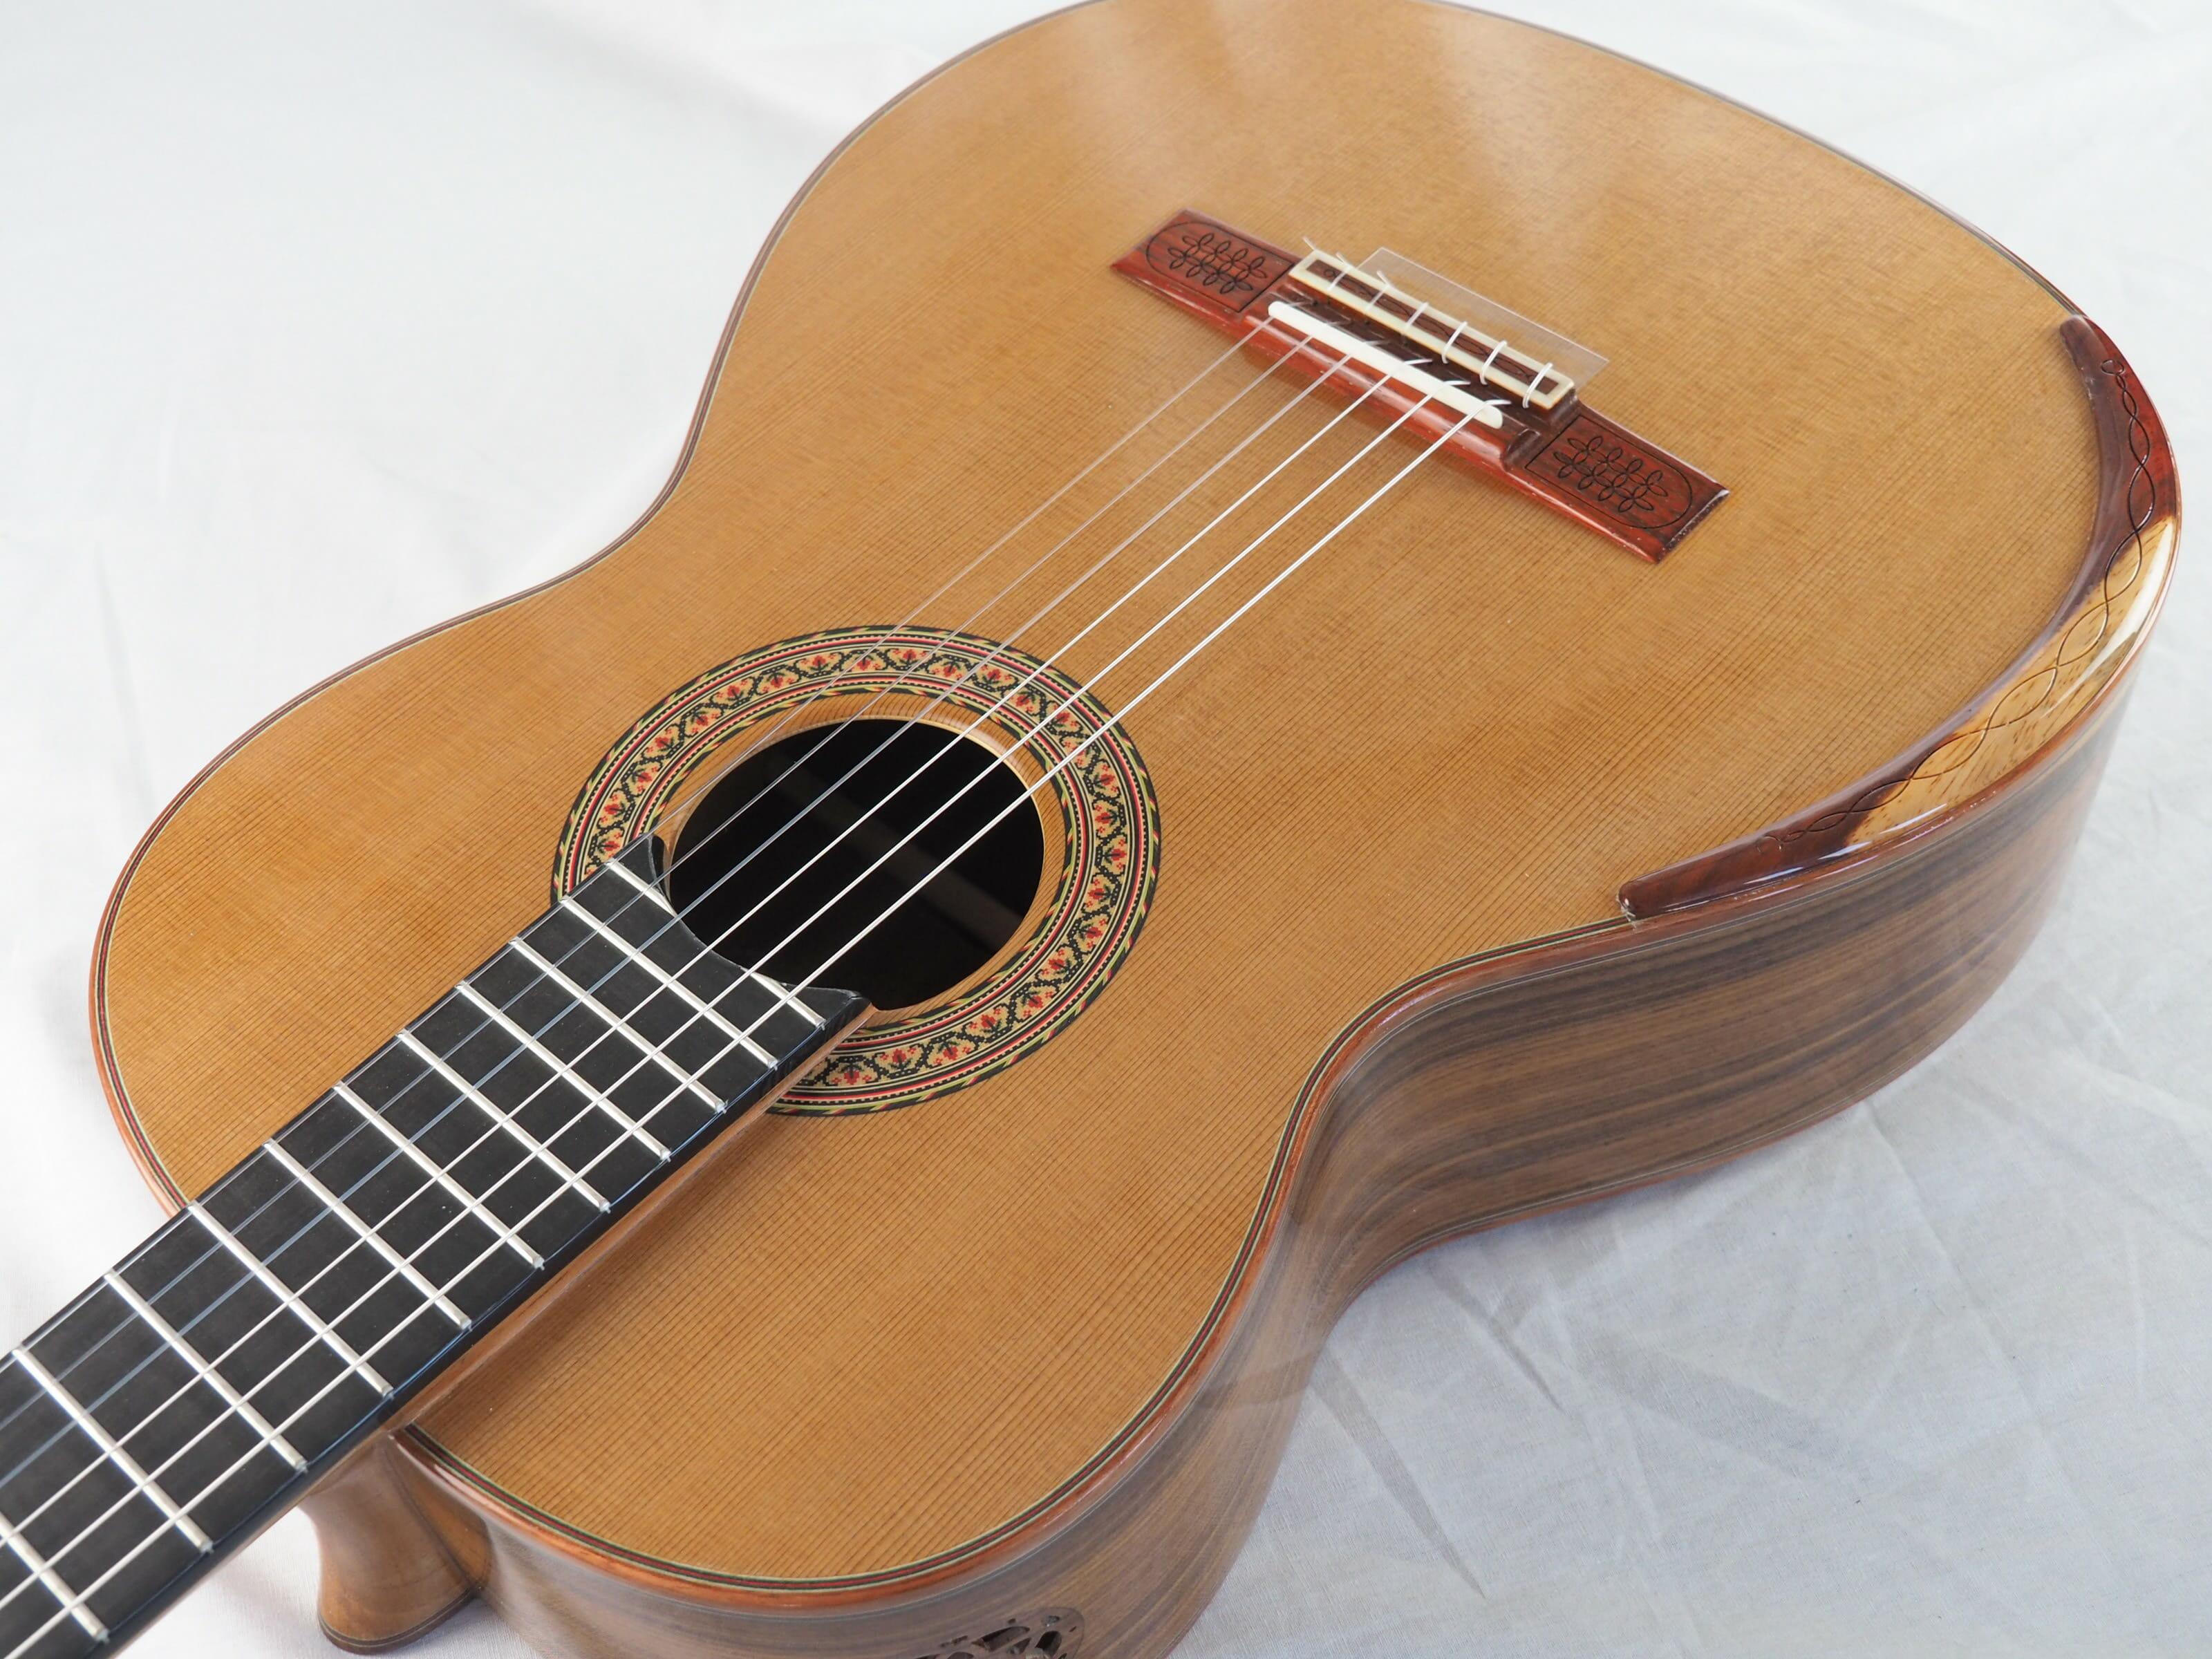 Luthier Vasilis Vasileiadis guitare classique no. 19VAS156-01